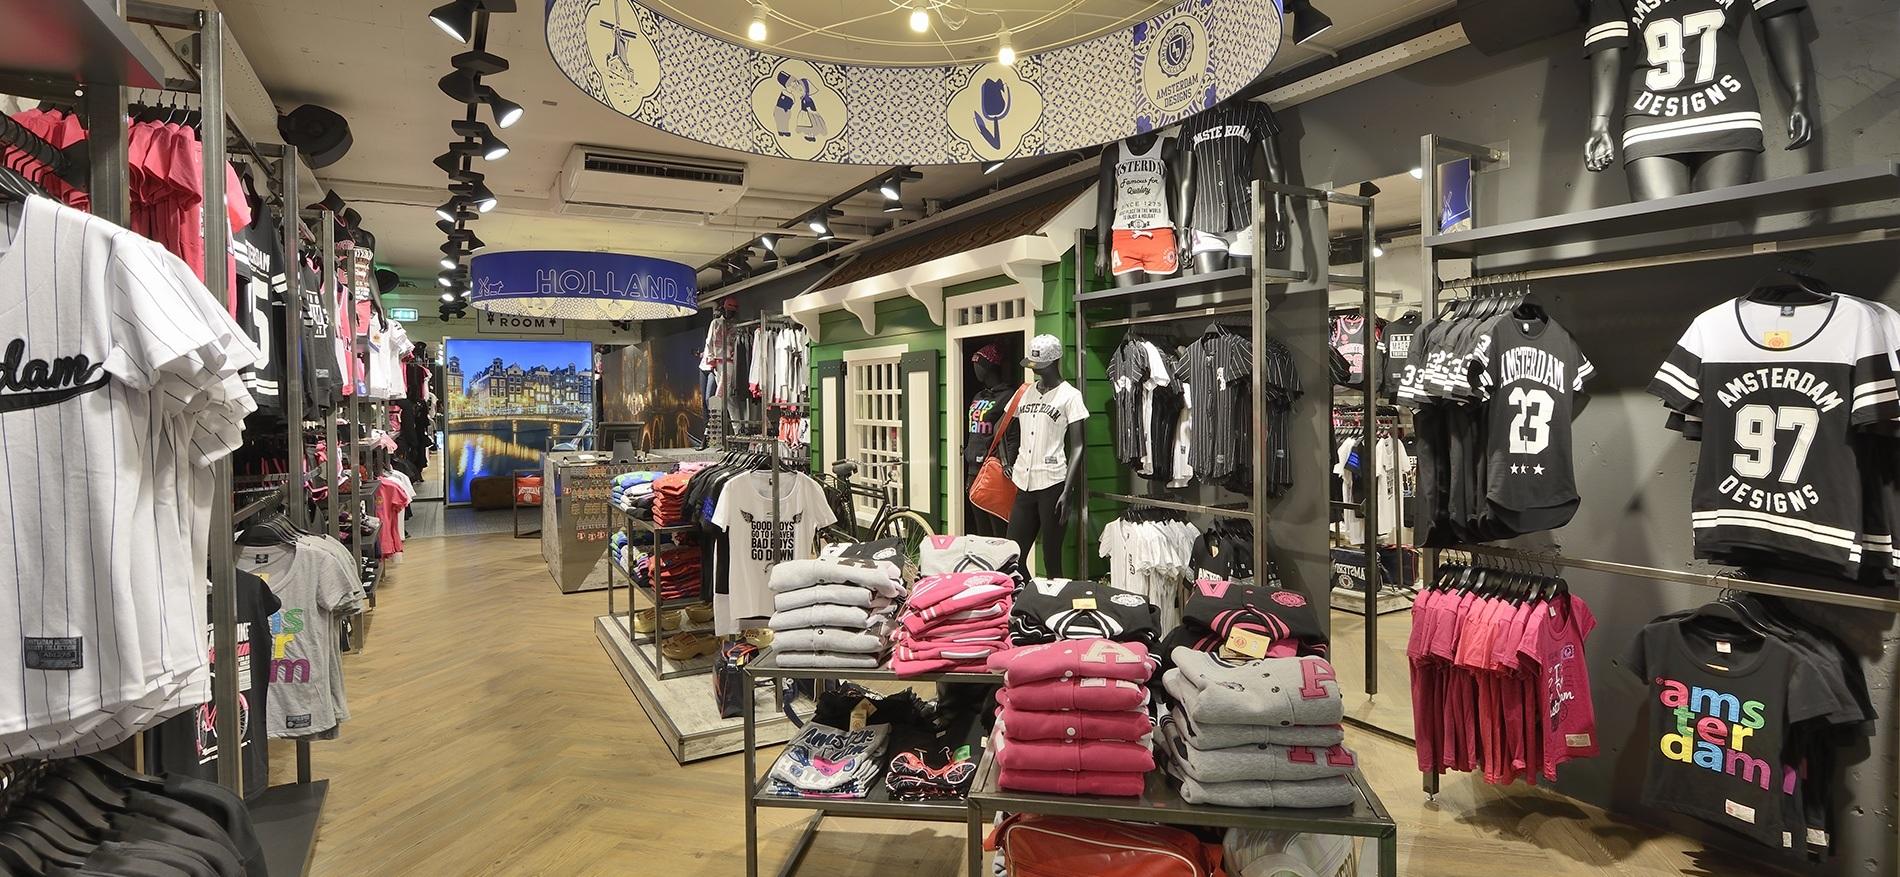 Ontwerp en inrichting museum en touristische winkels of souvenirshops